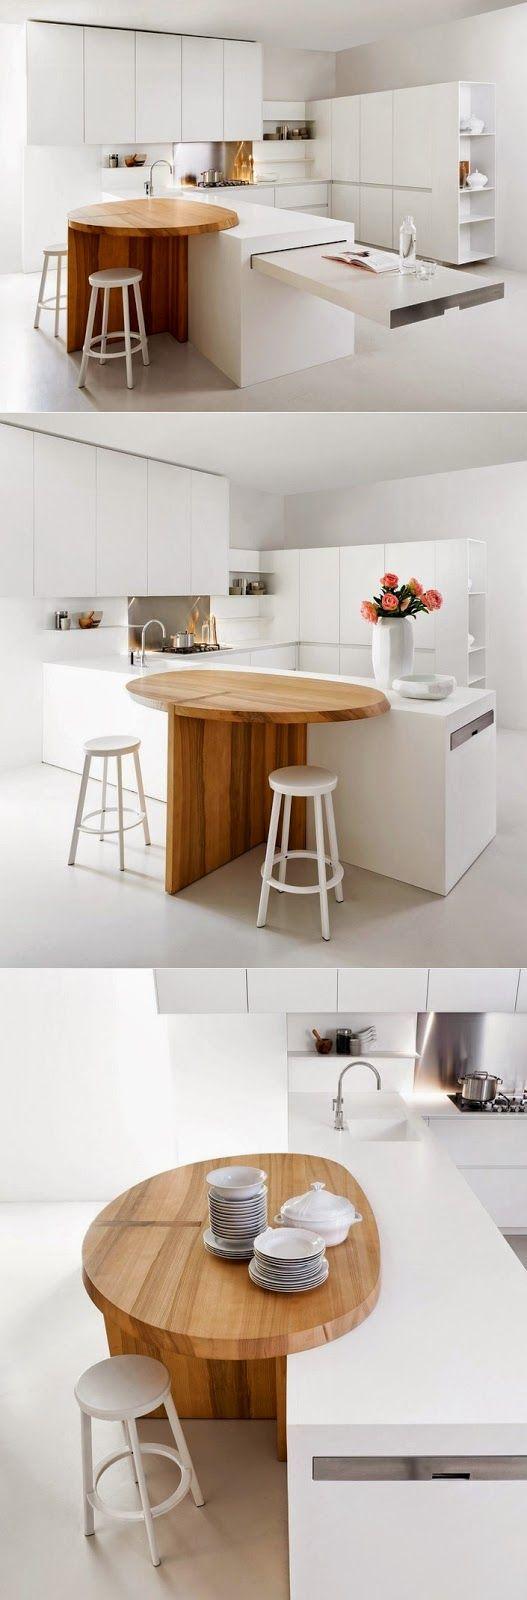 Cute Die besten Ikea k chenplaner online Ideen auf Pinterest Ikea neuss Gefrierschrank mit eisw rfelbereiter und Moderne glaskronleuchter